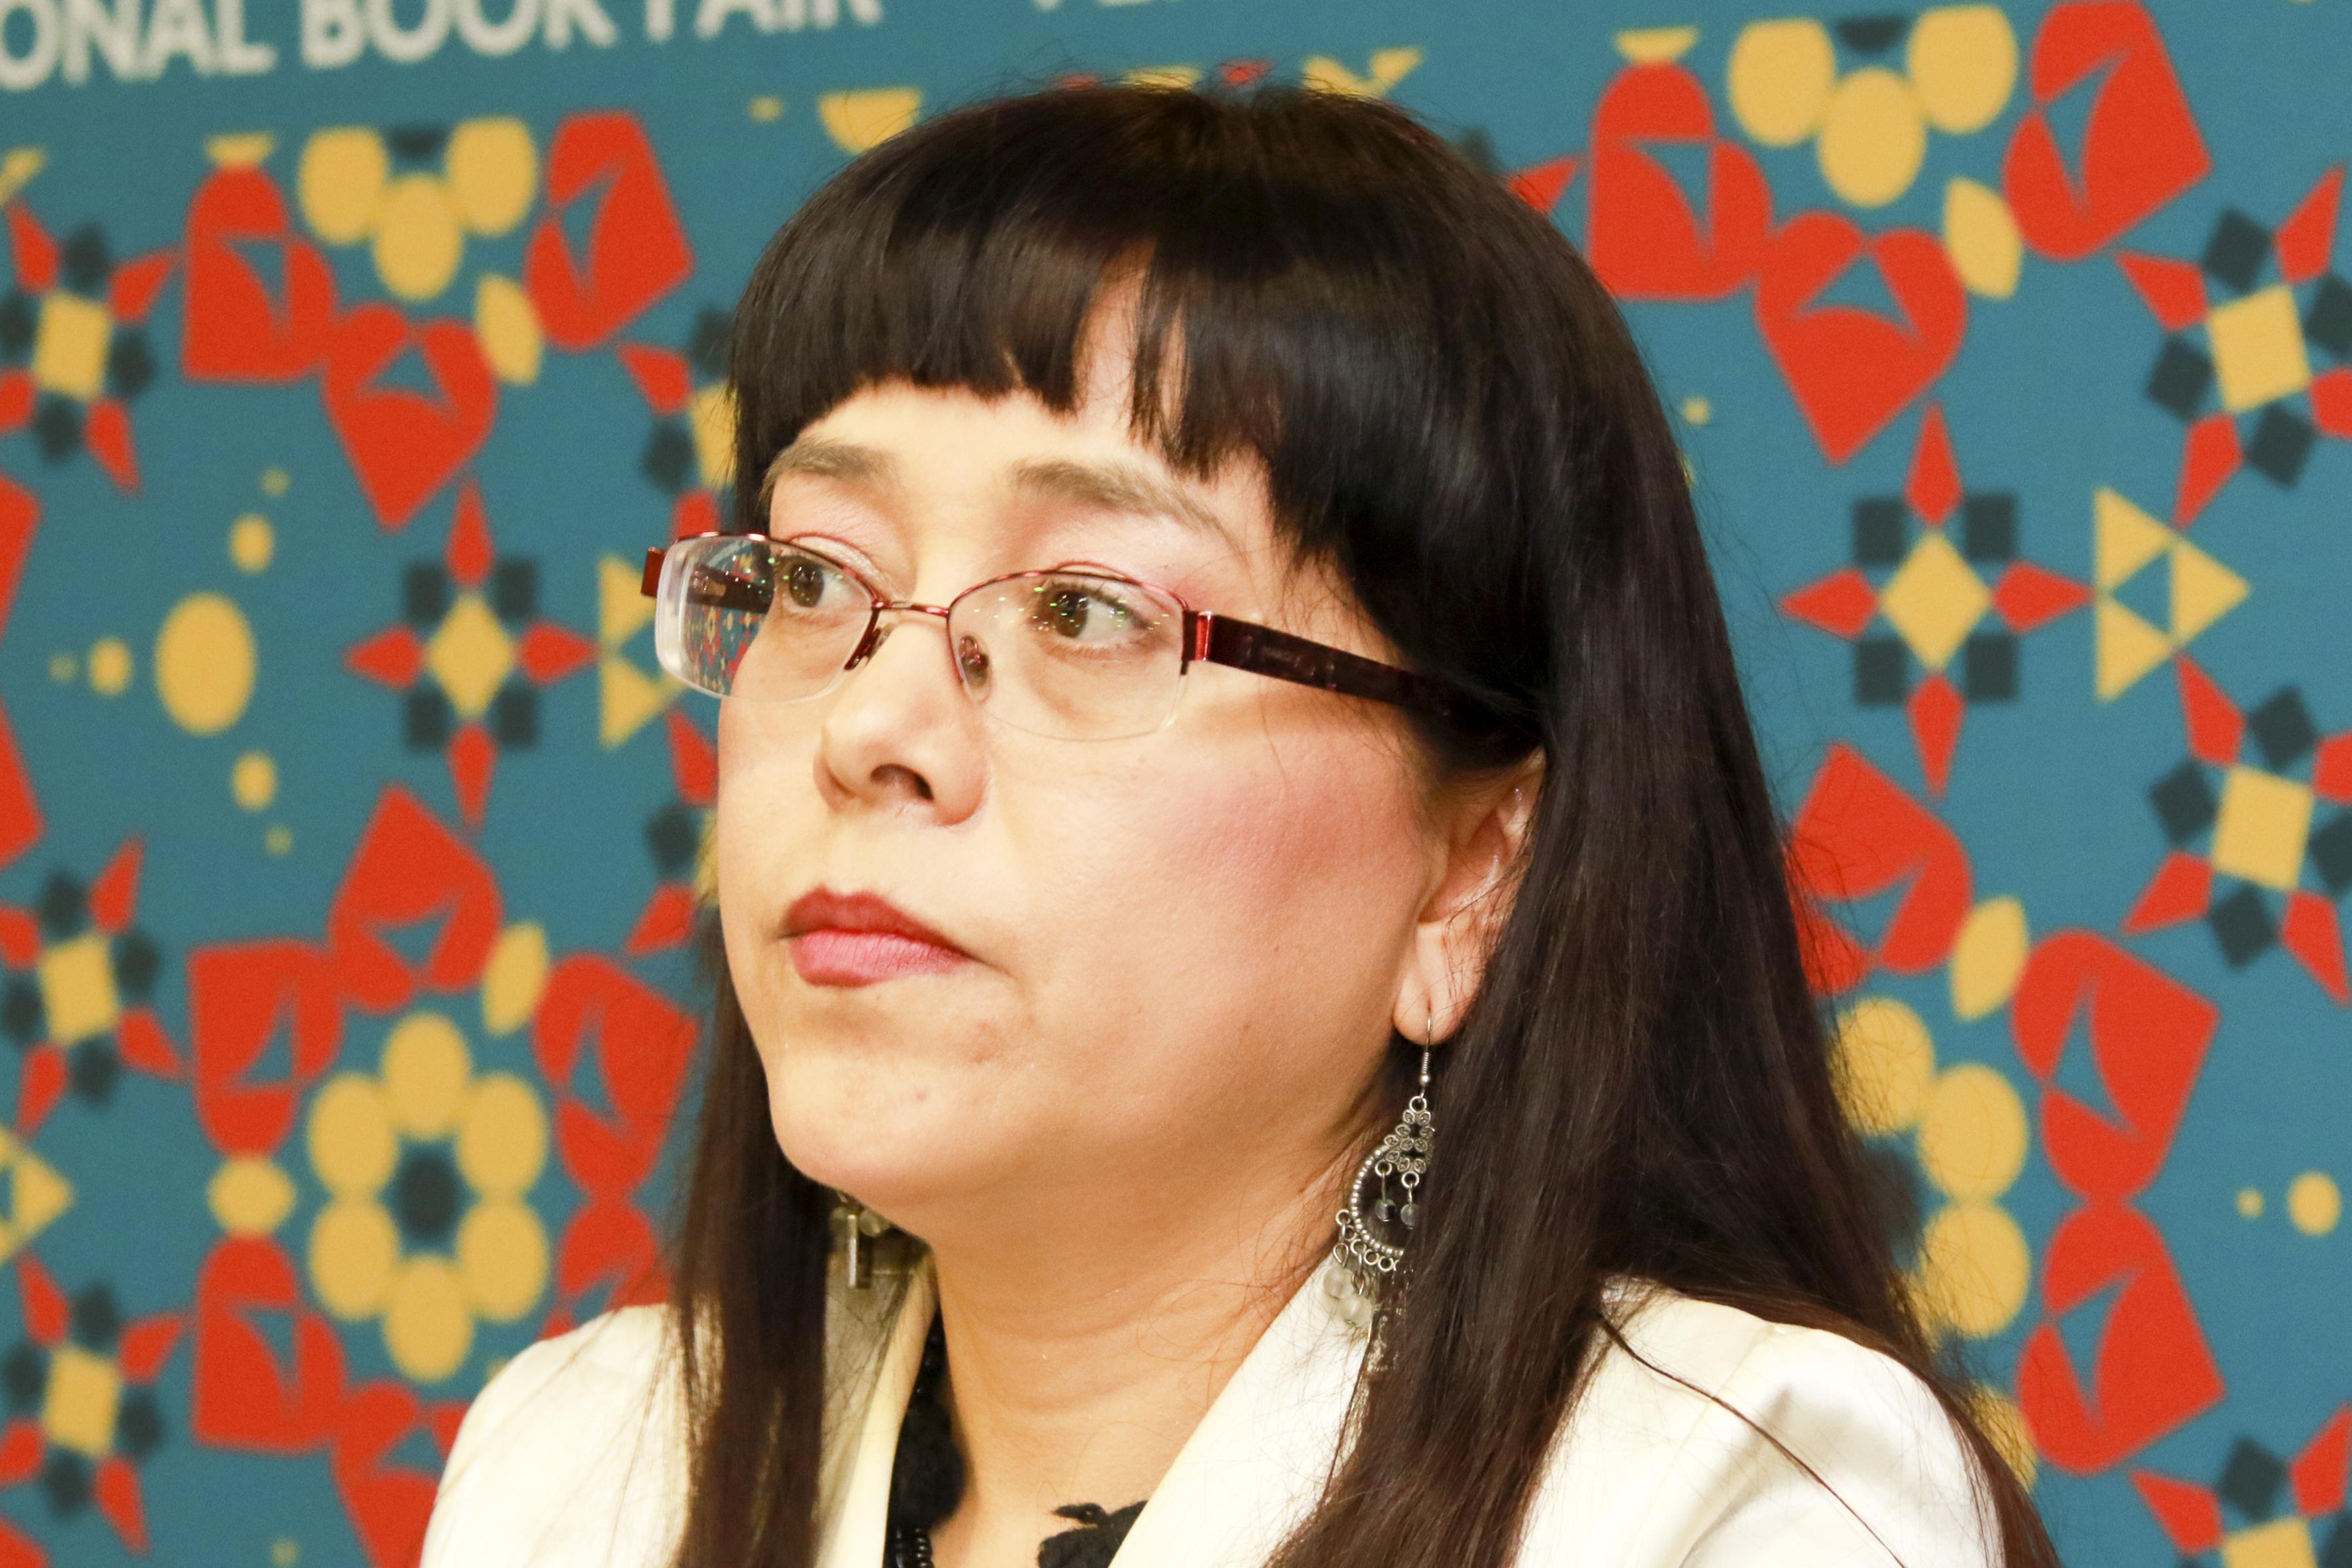 Doctora Claudia Vicario Solórzano, Investigadora del Instituto Politécnico Nacional, Coordinadora de la Red Late México de la (CUDI) y miembro del presidium